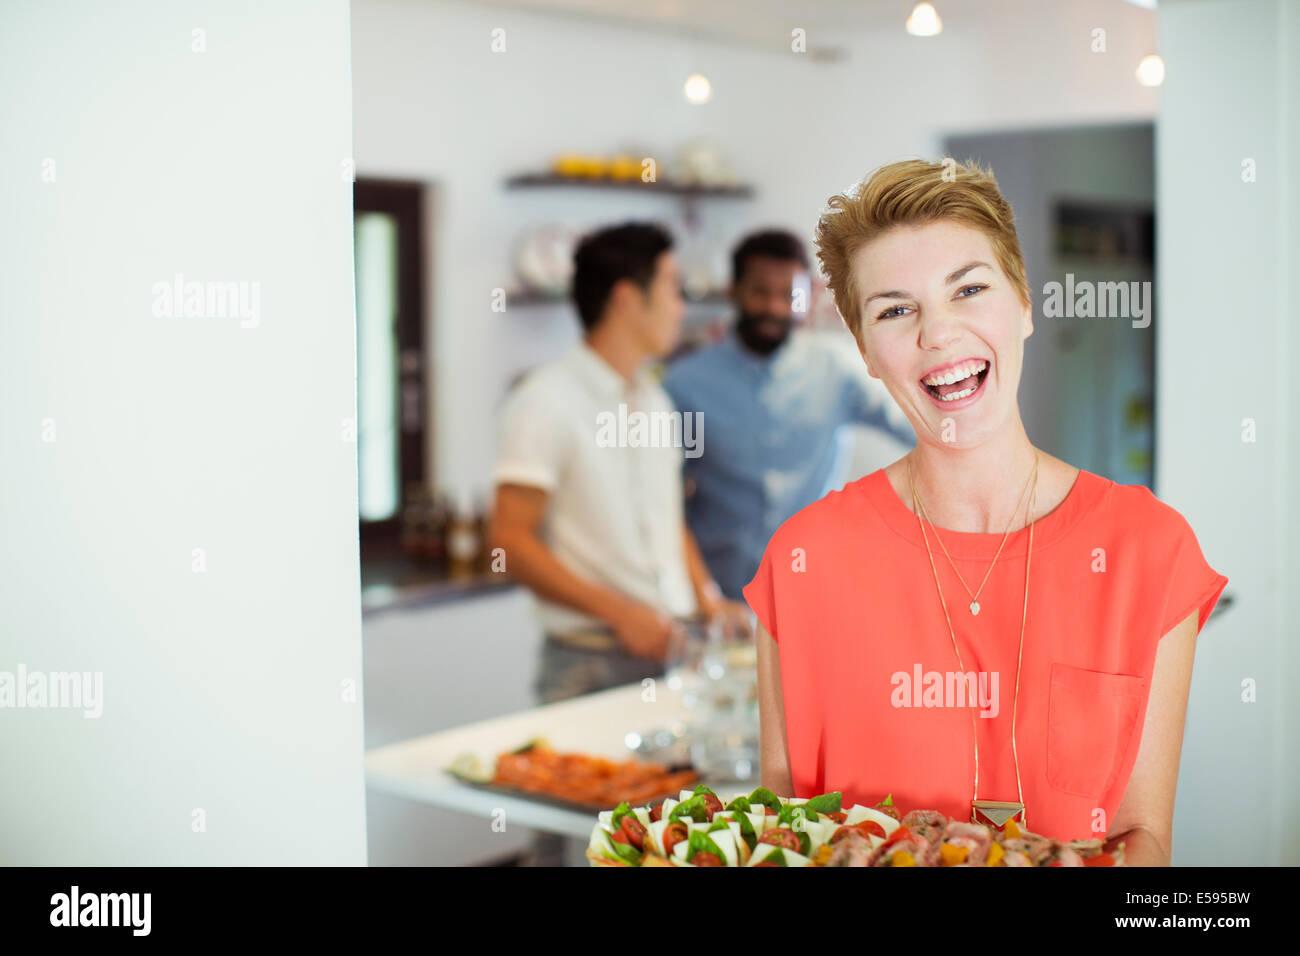 La donna che porta il vassoio di cibo a parte Immagini Stock